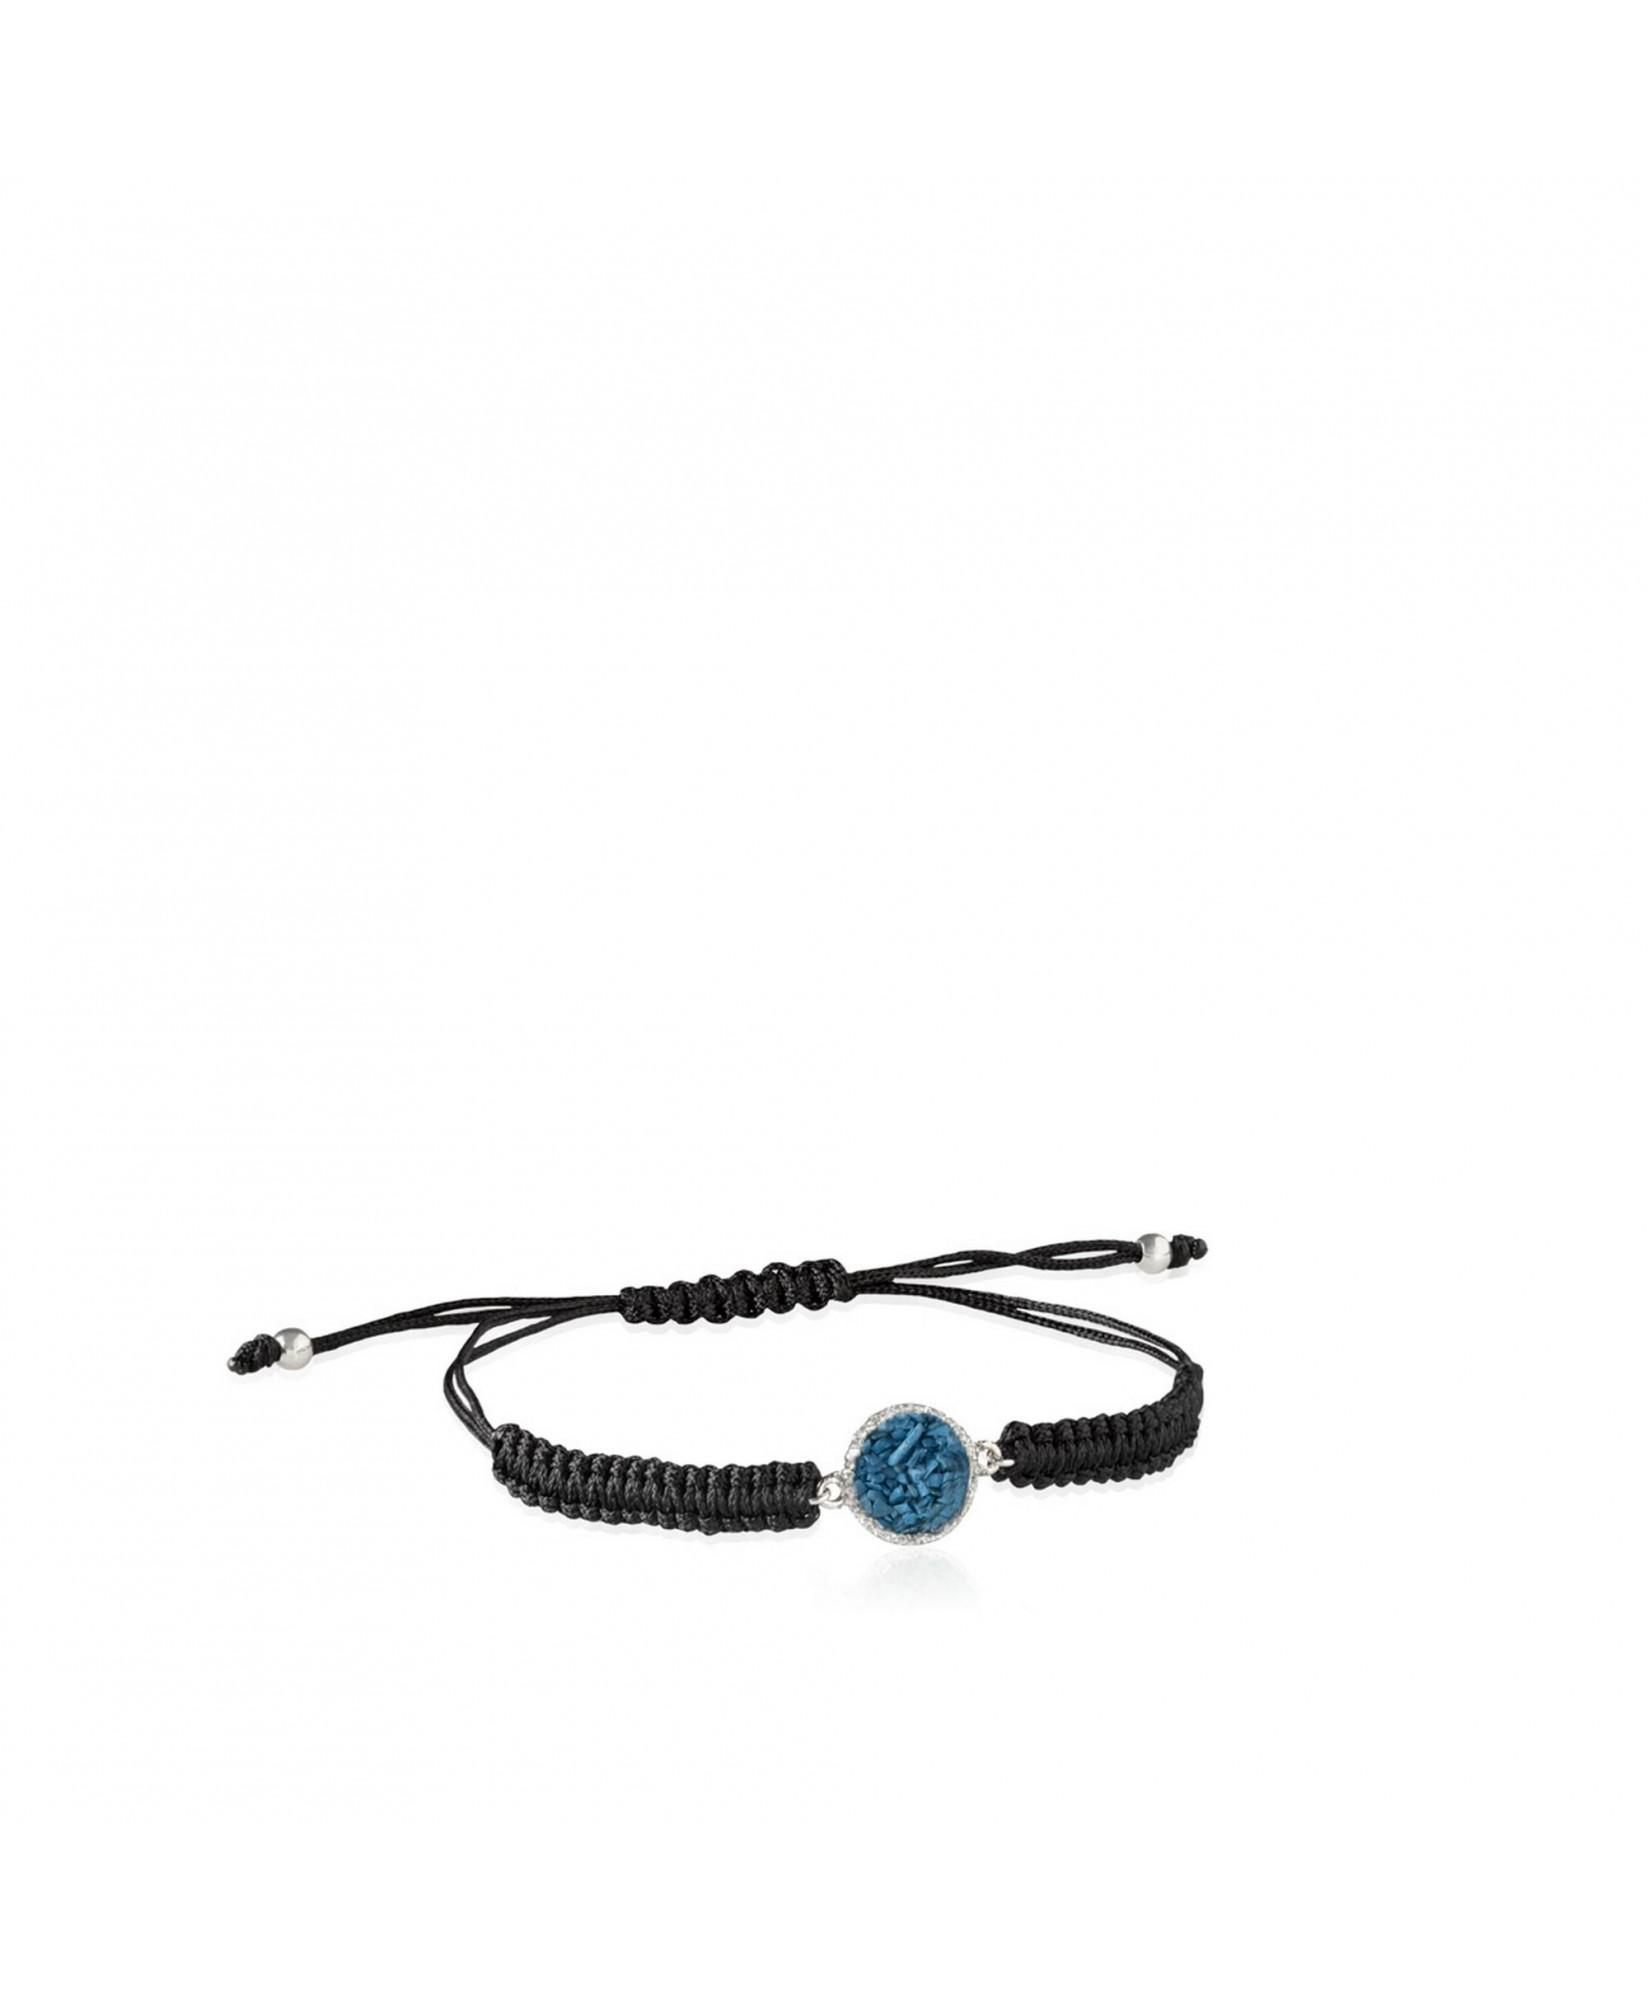 Pulsera de plata y cordón Sky con nácar azul ducado Pulsera de plata y cordón Sky con nácar azul ducado